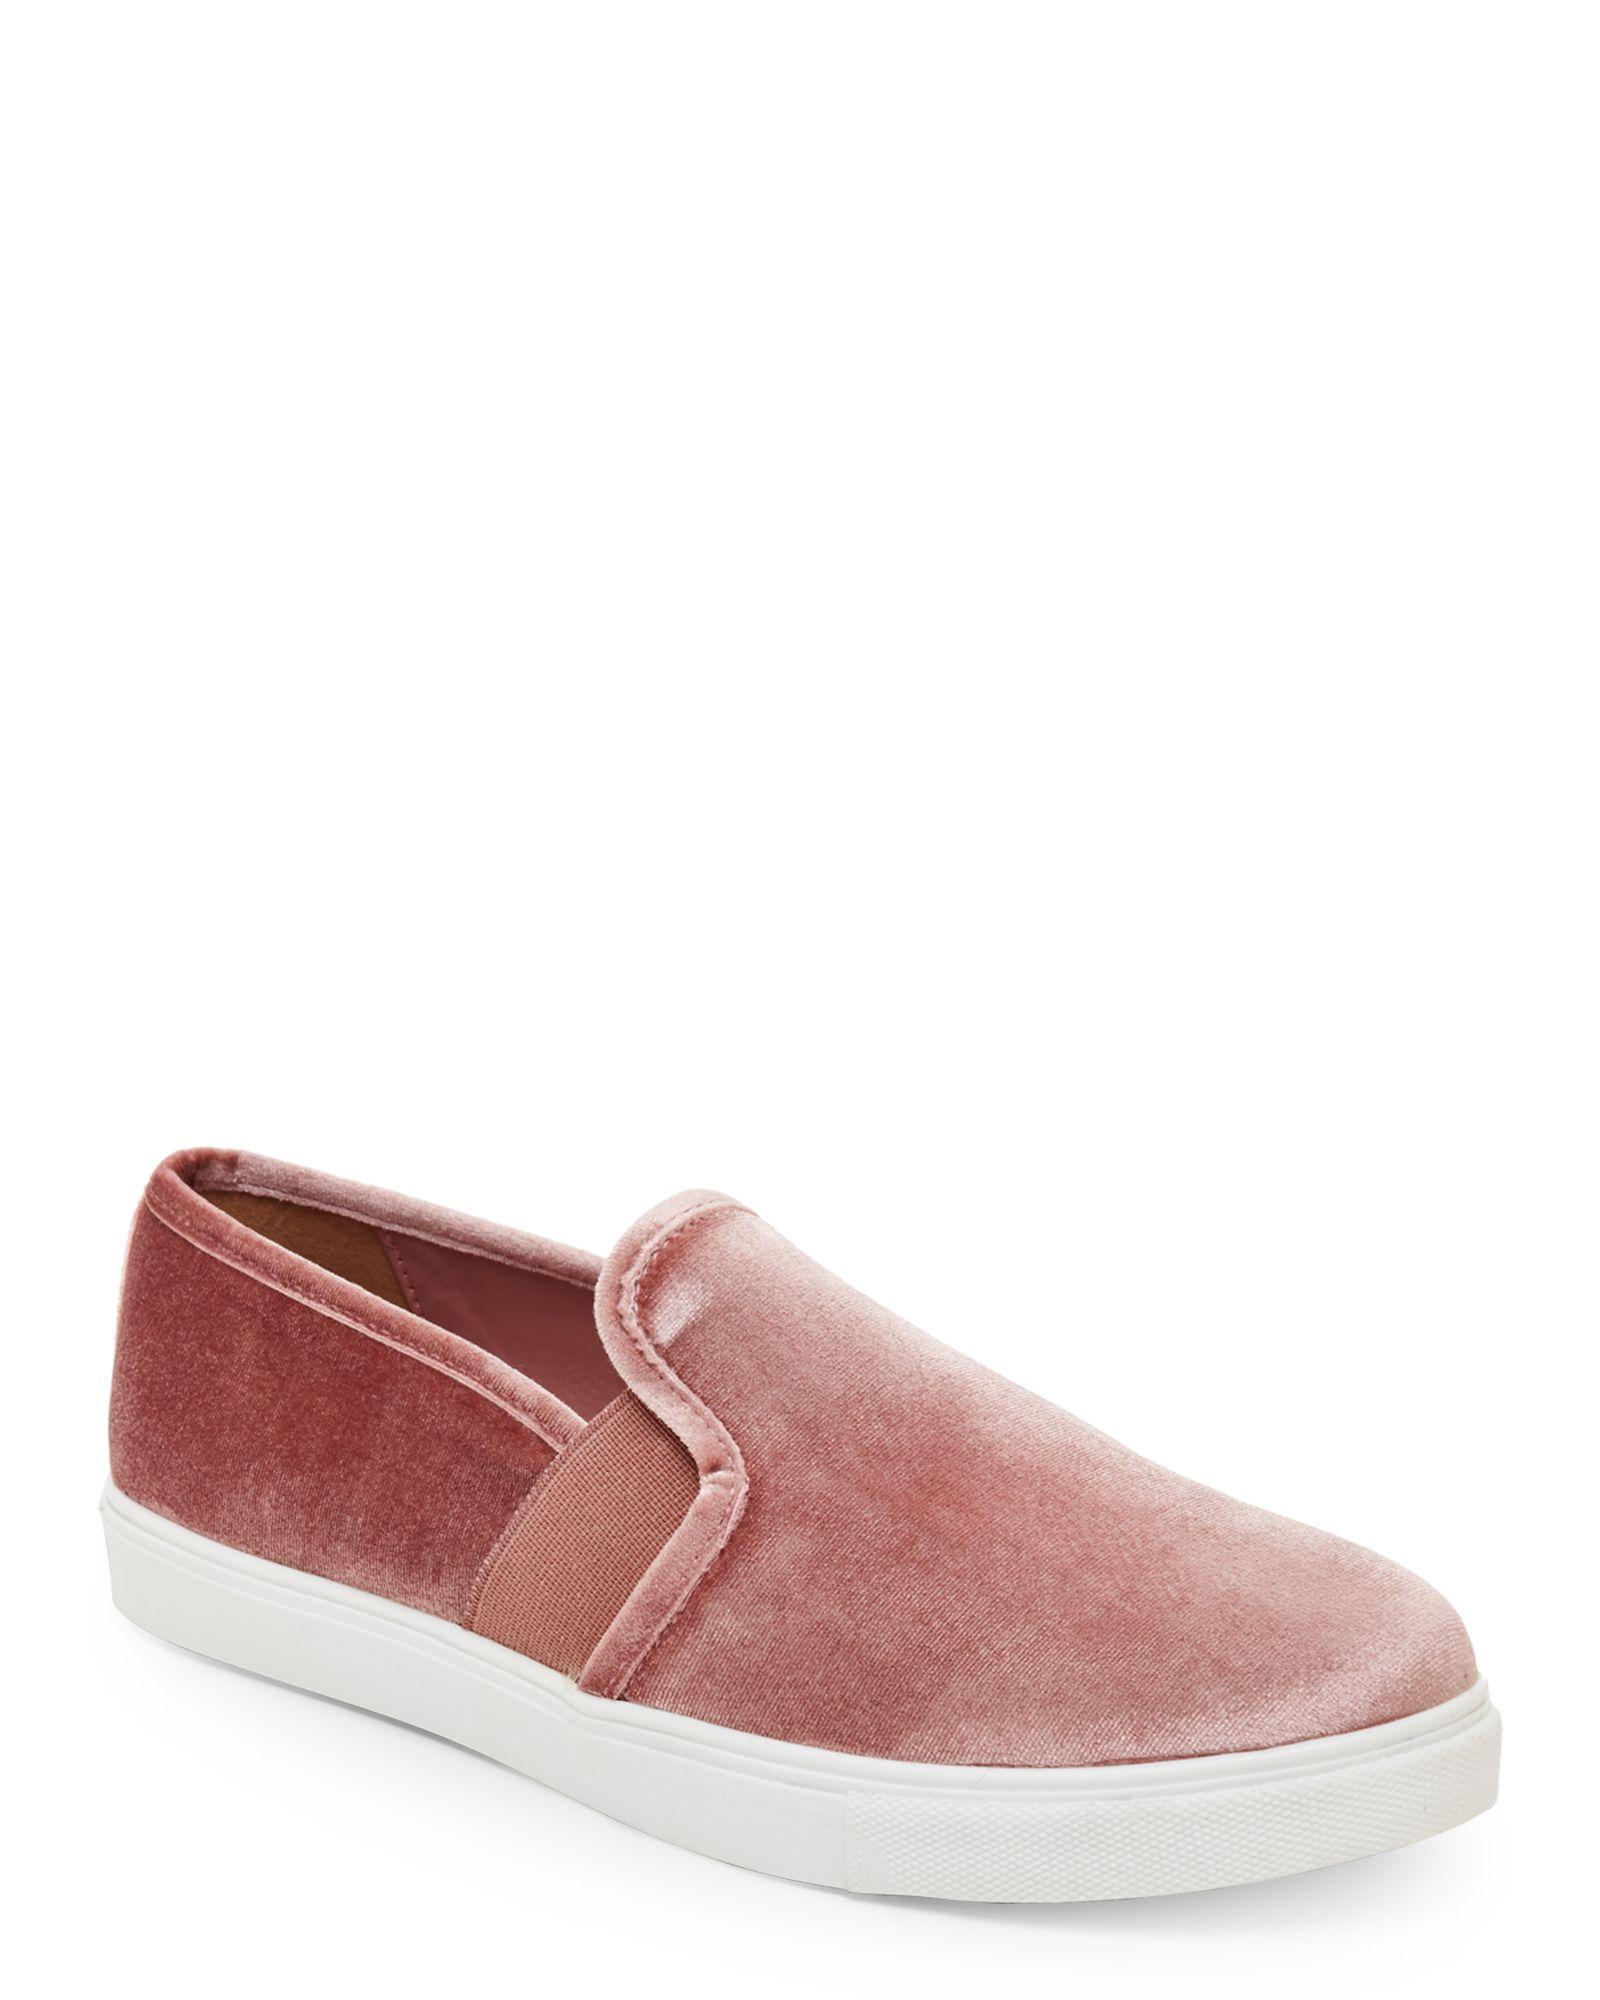 404f57792f9 Steve Madden Blush Evangel Velvet Slip On Sneakers   *Apparel ...